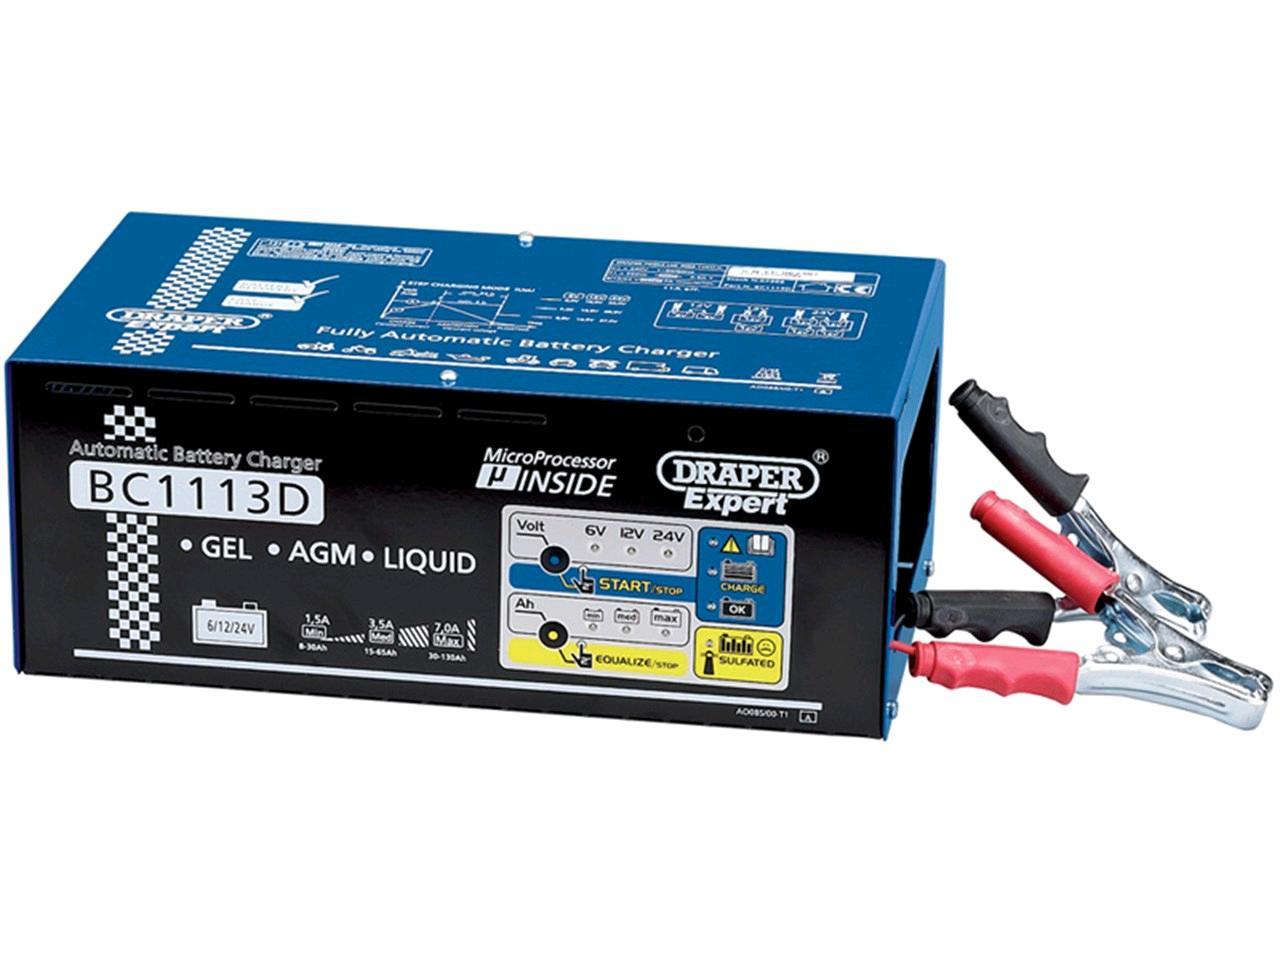 Draper 230V Battery Charger & Desulphate